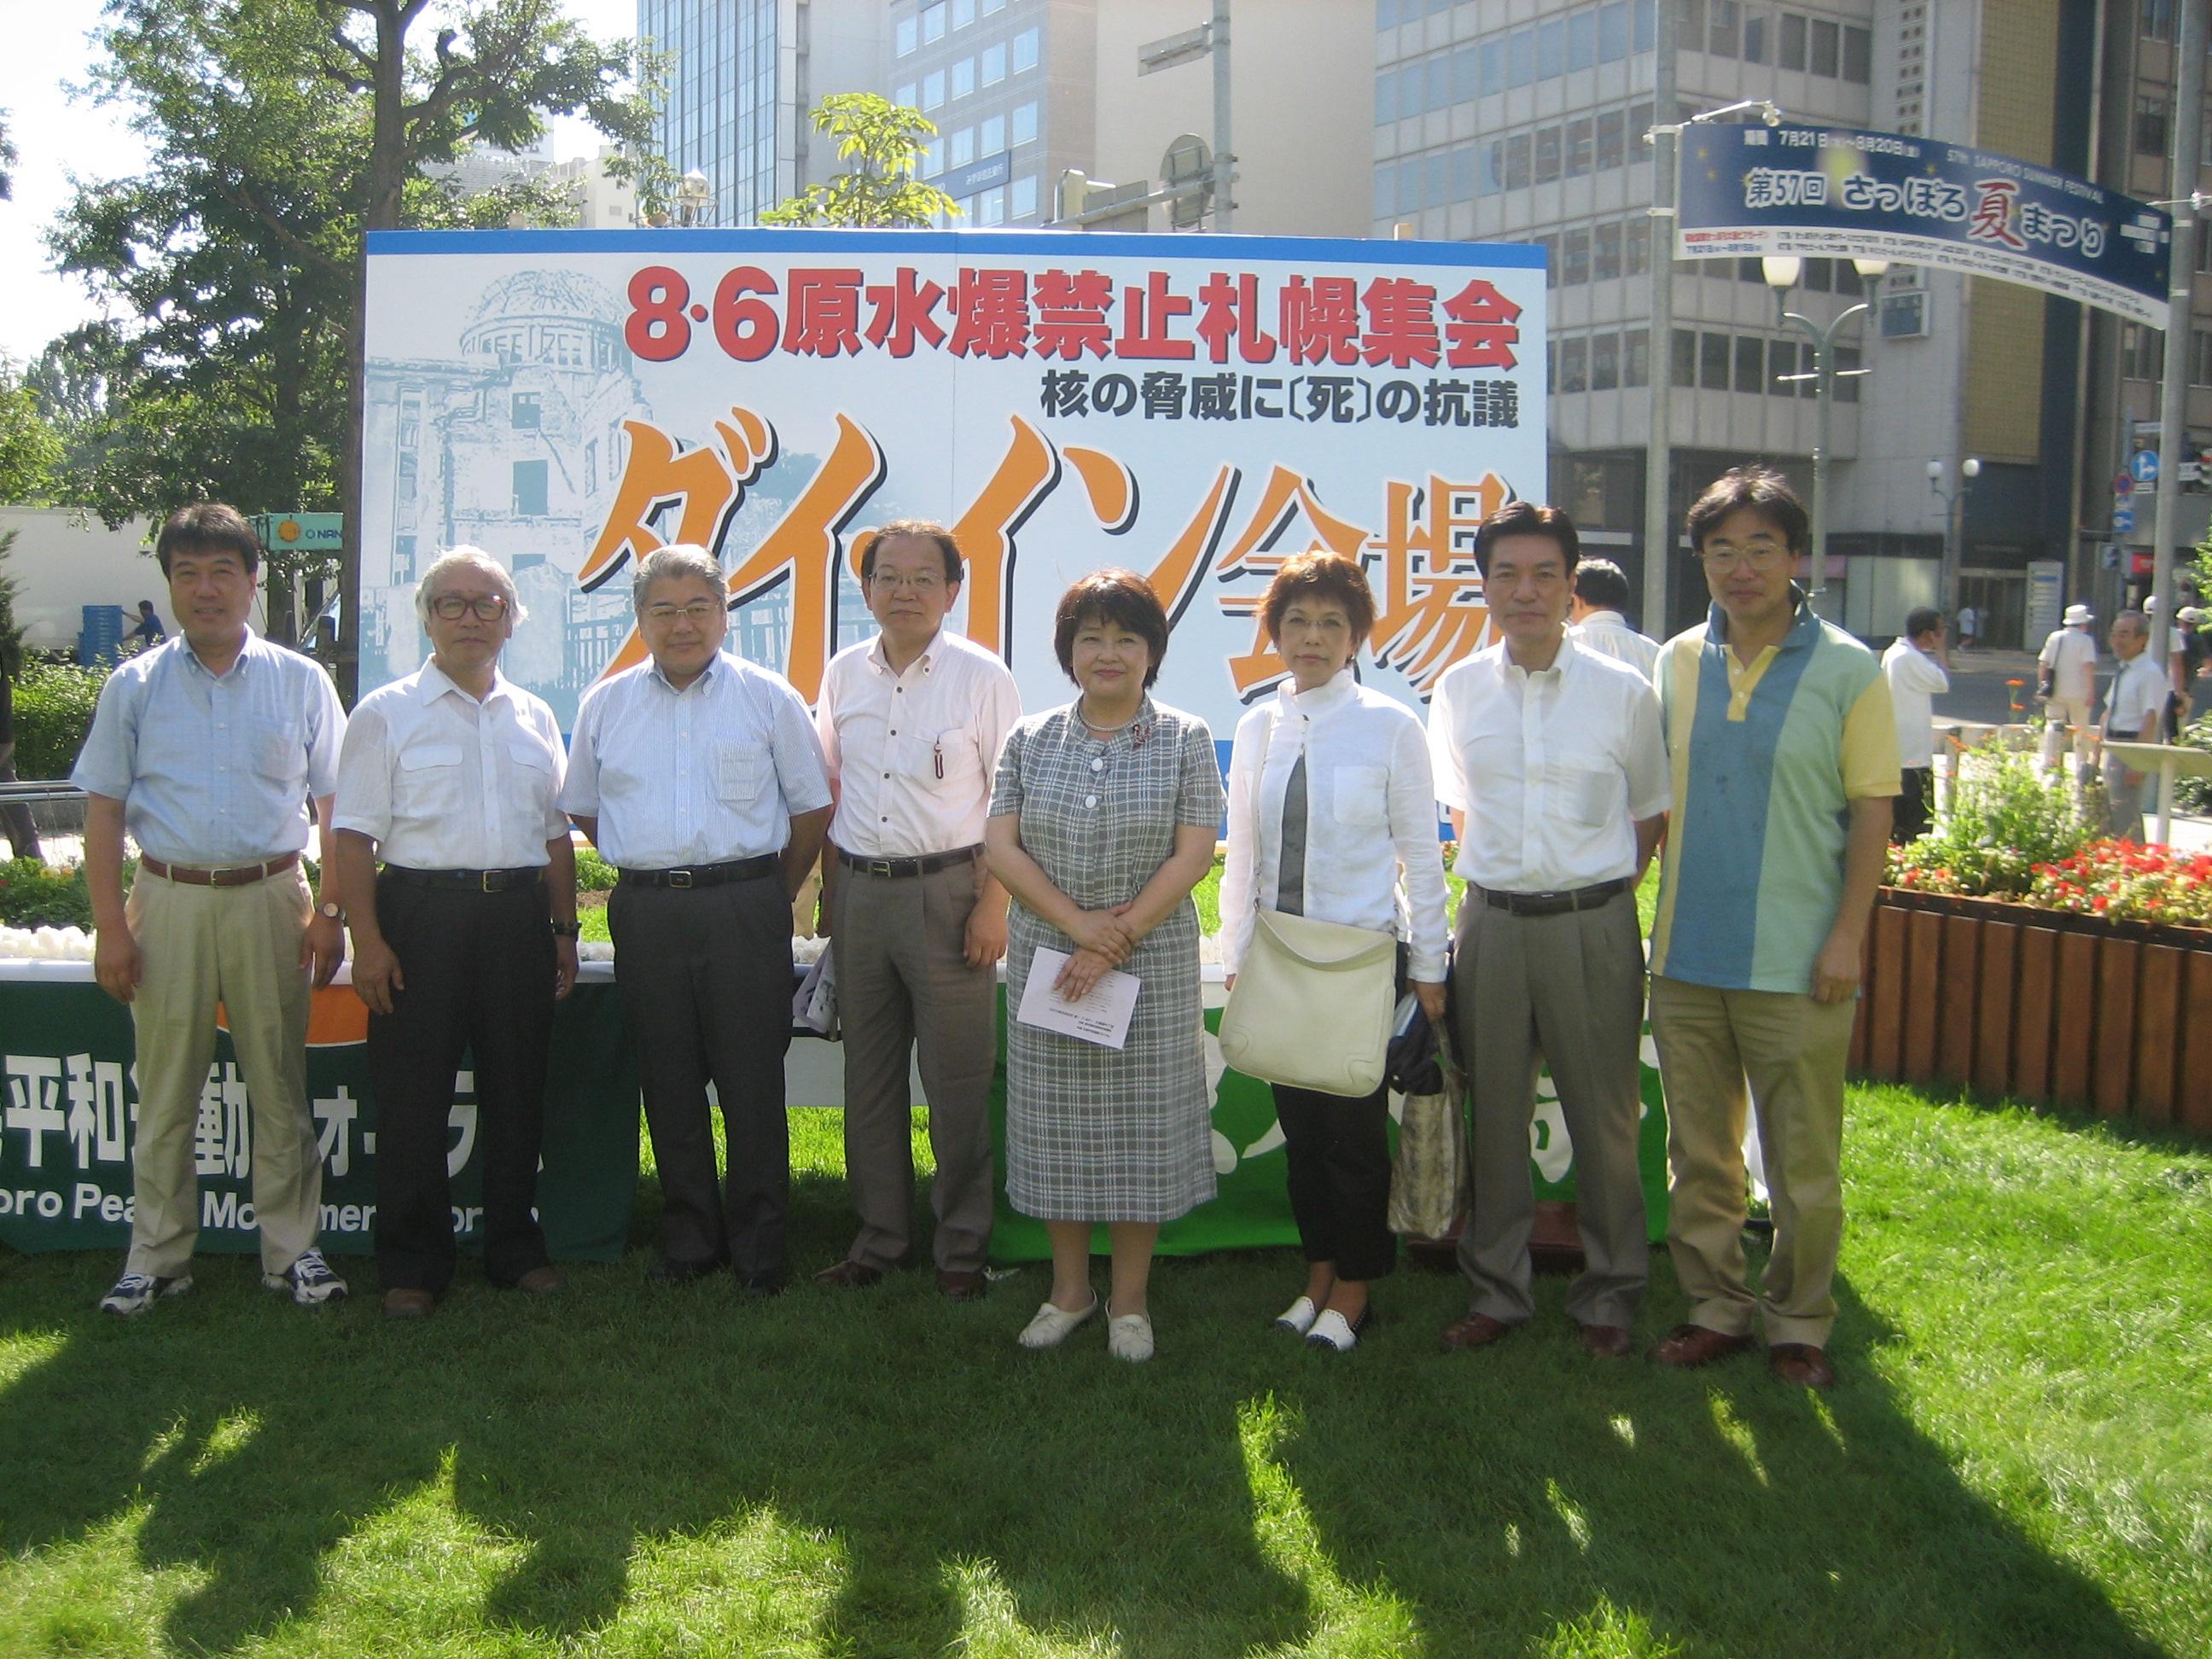 上田市長と参加議員